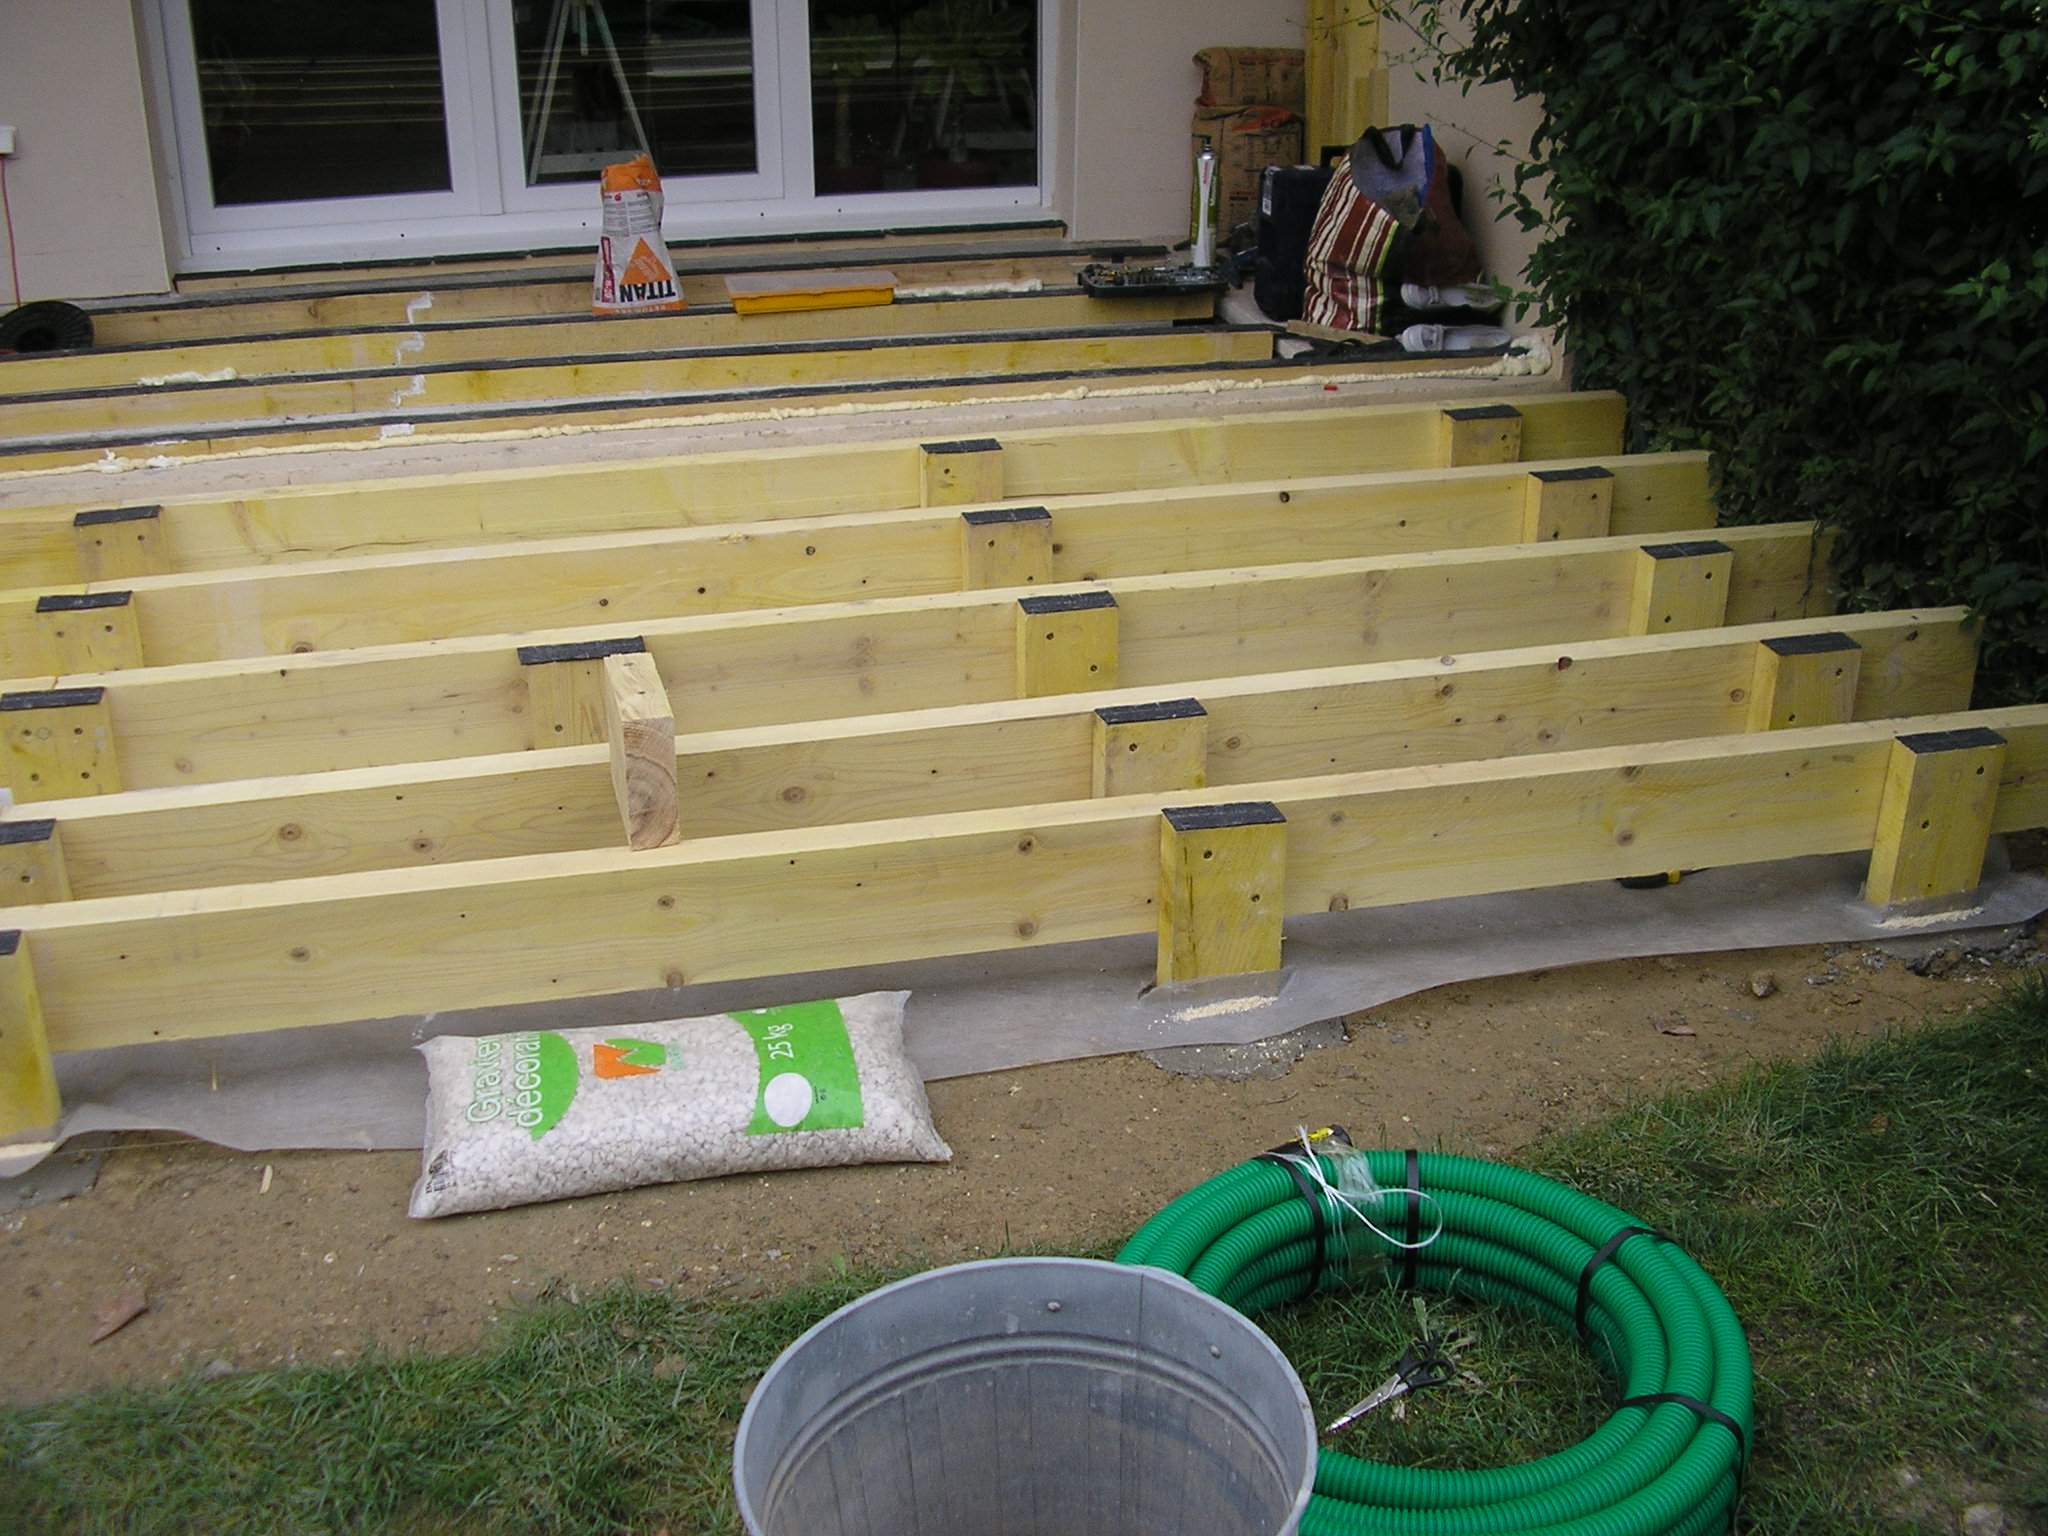 terrasse bois kit leroy merlin nos conseils. Black Bedroom Furniture Sets. Home Design Ideas